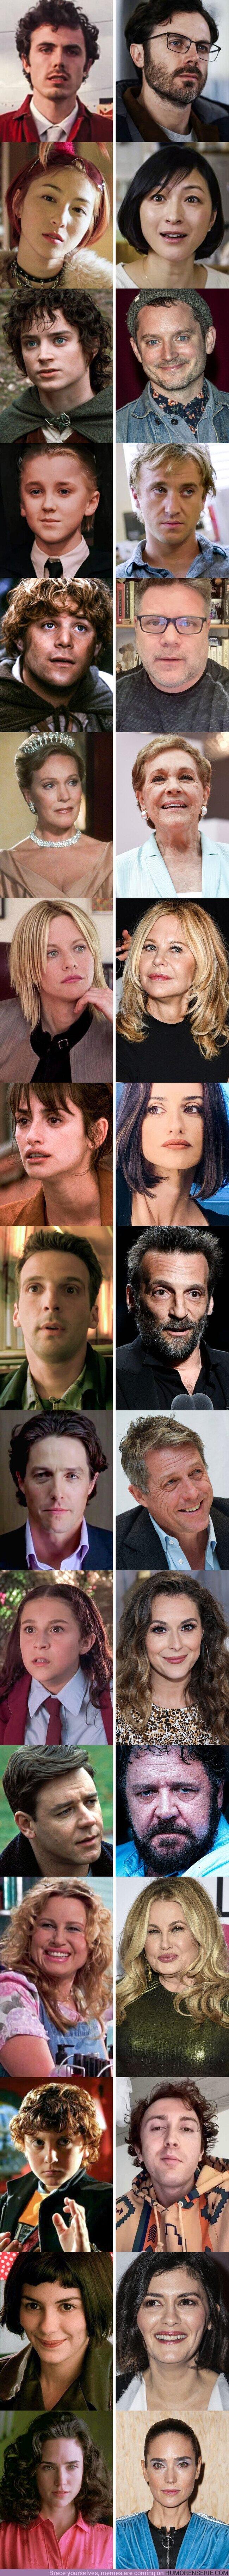 73309 - GALERÍA: Cómo se ven actualmente 15+ famosos de nuestras películas favoritas que se estrenaron hace 20 años